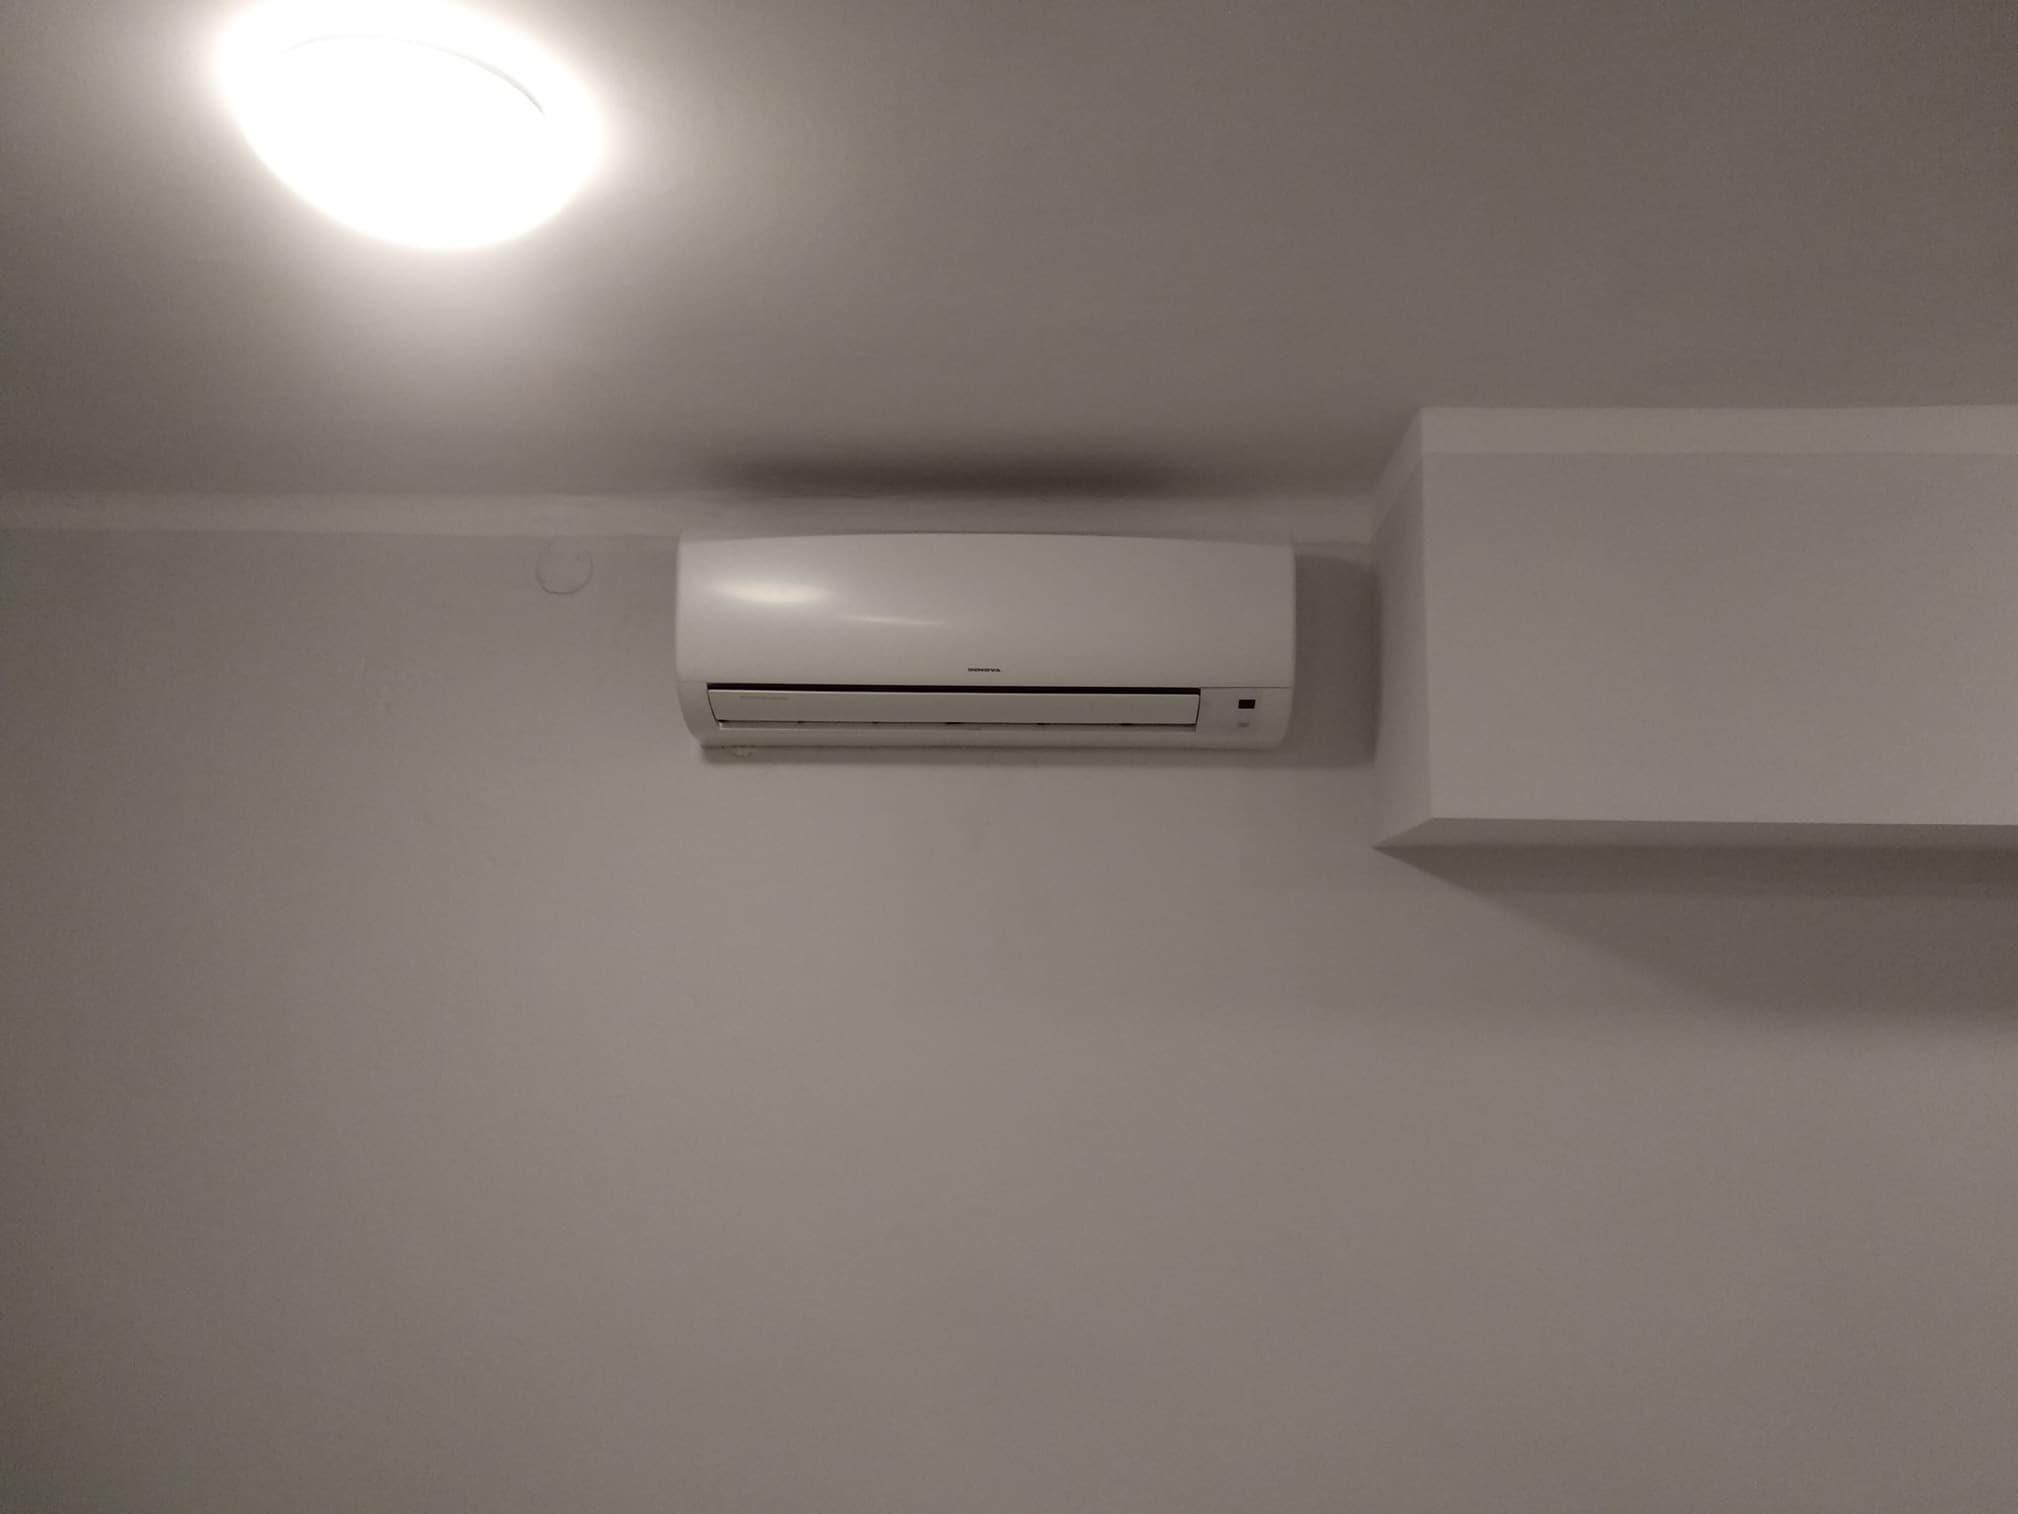 realizacja-klimatyzator-innova-racker-jednostka-wewnetrzna2